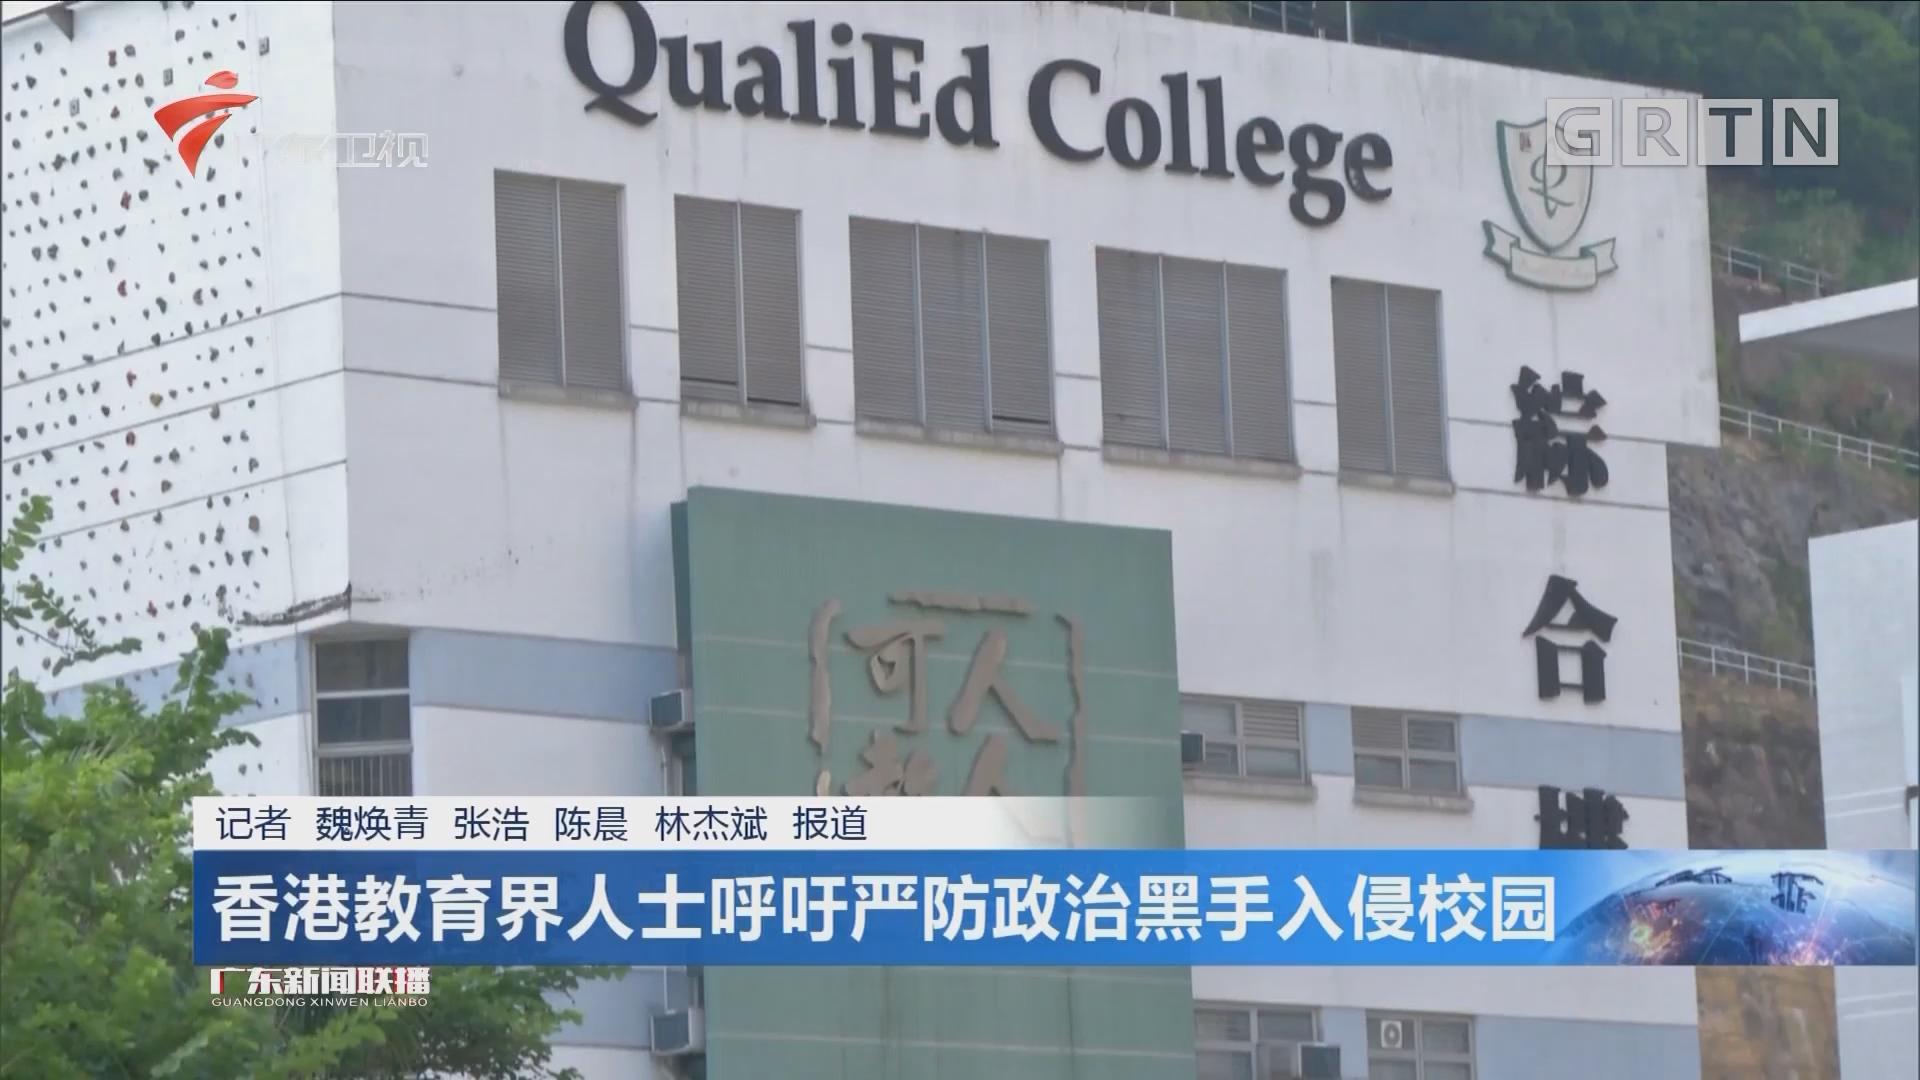 香港教育界人士呼吁严防政治黑手入侵校园